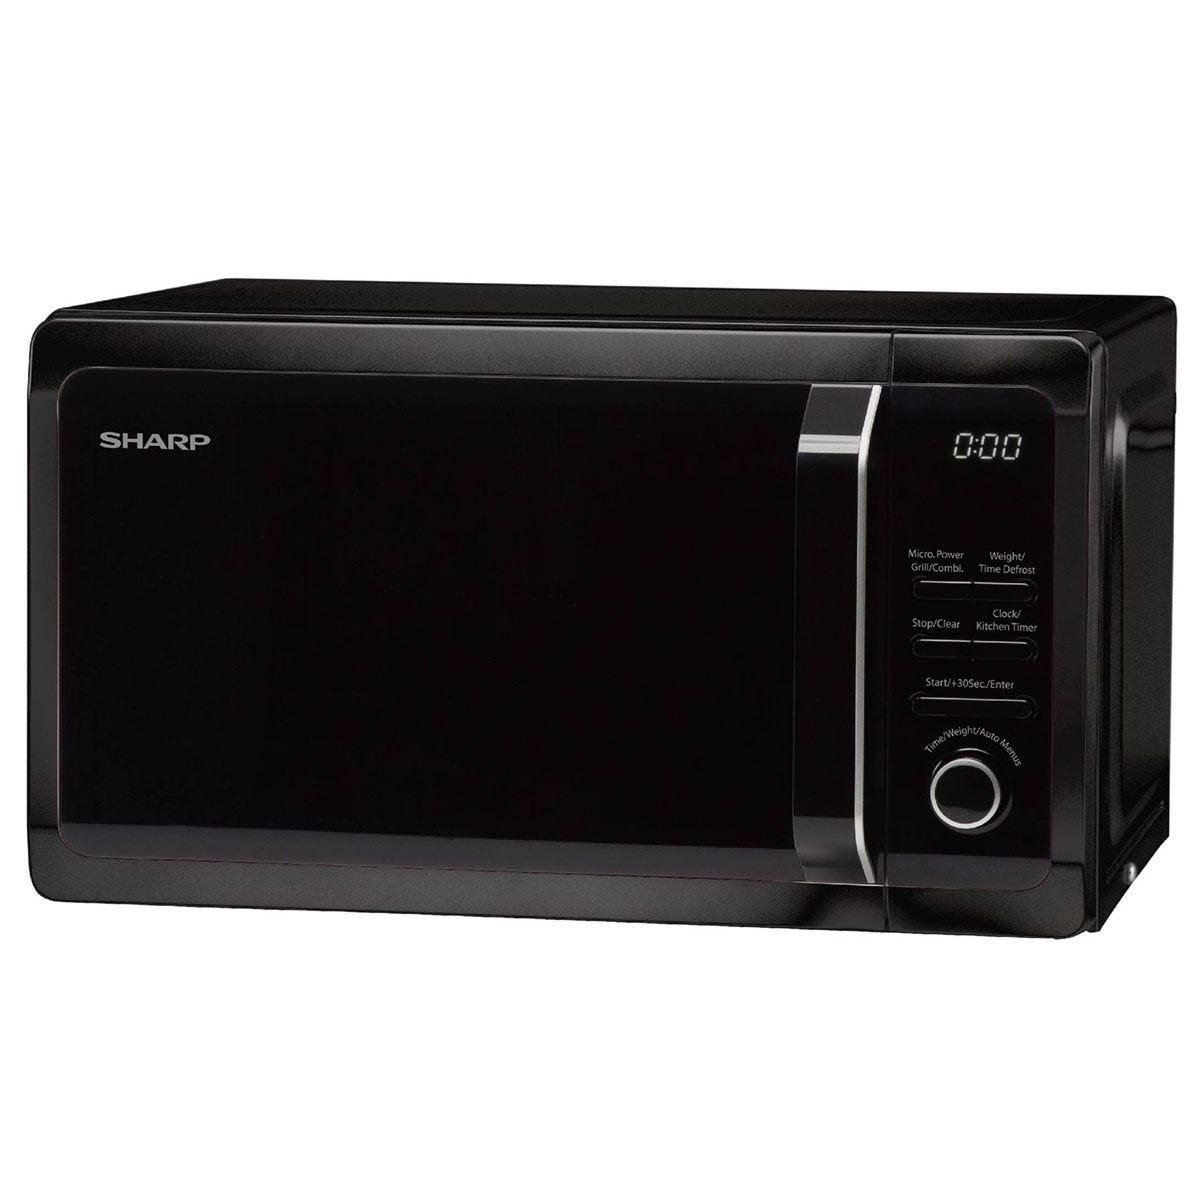 Sharp R764KM 25L 900W Digital Microwave with 1000W Quartz Grill - Black